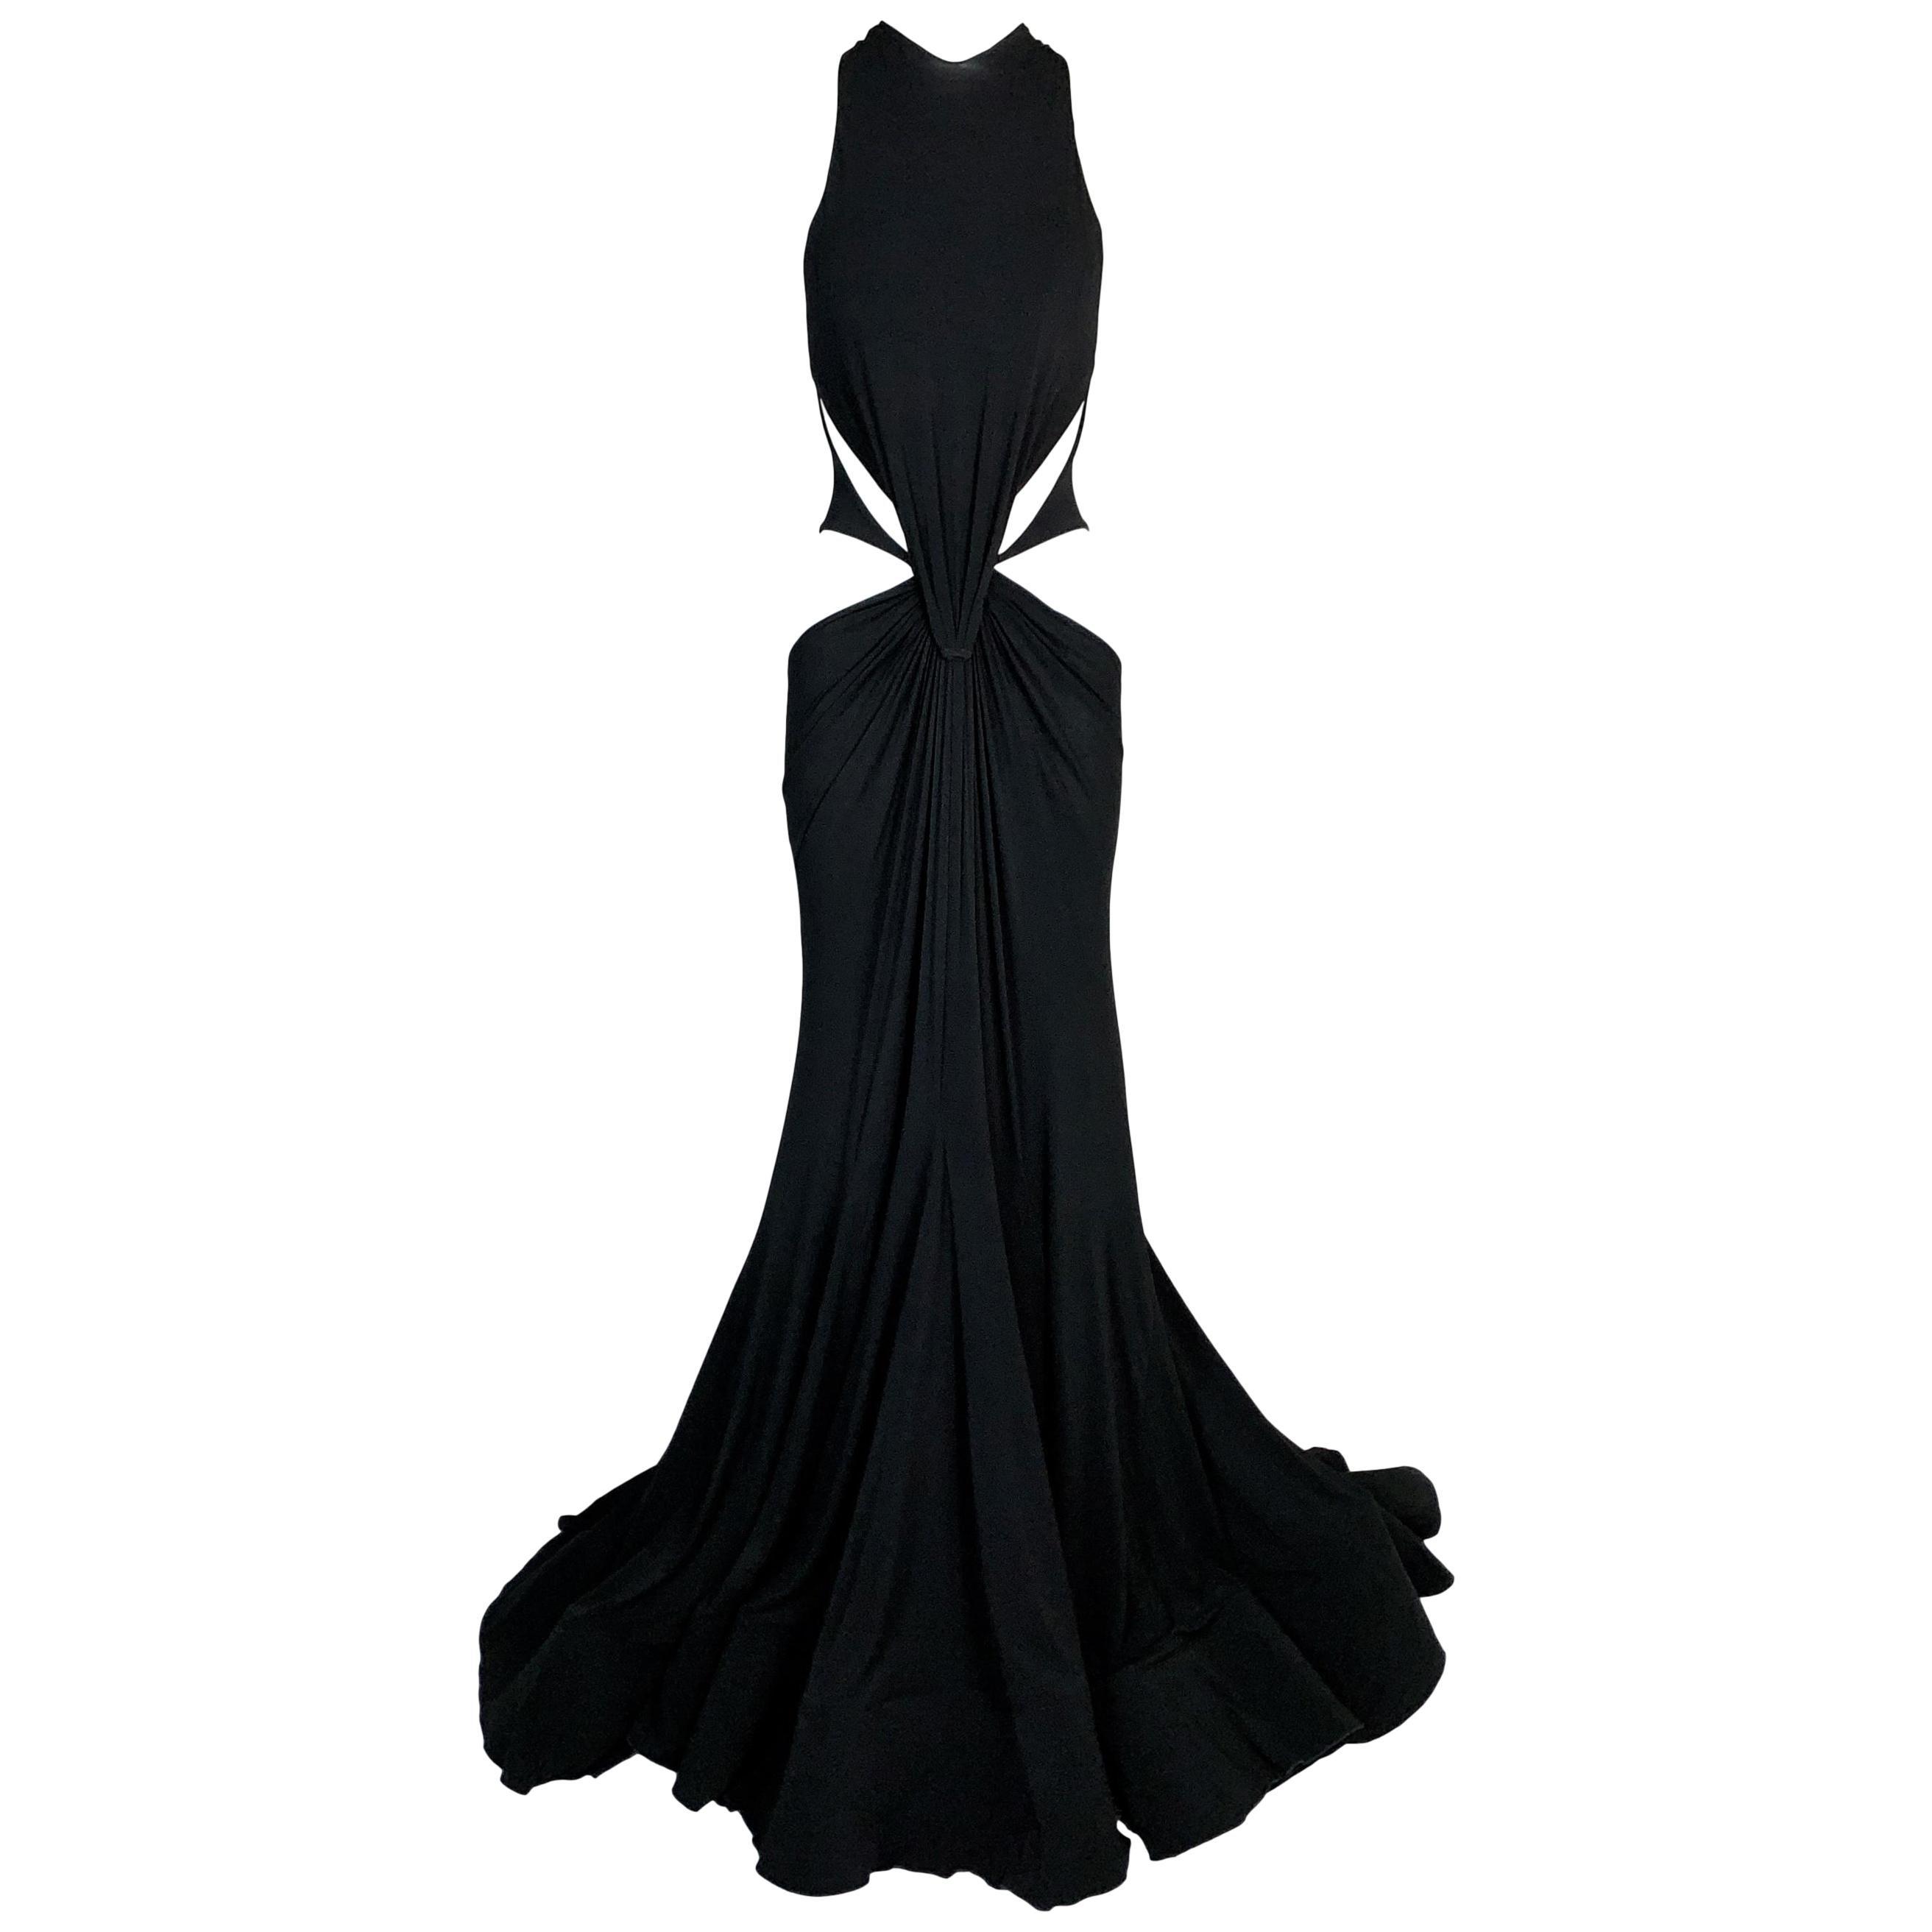 F/W 2003 Roberto Cavalli Runway Black Cut-Out Gown Dress